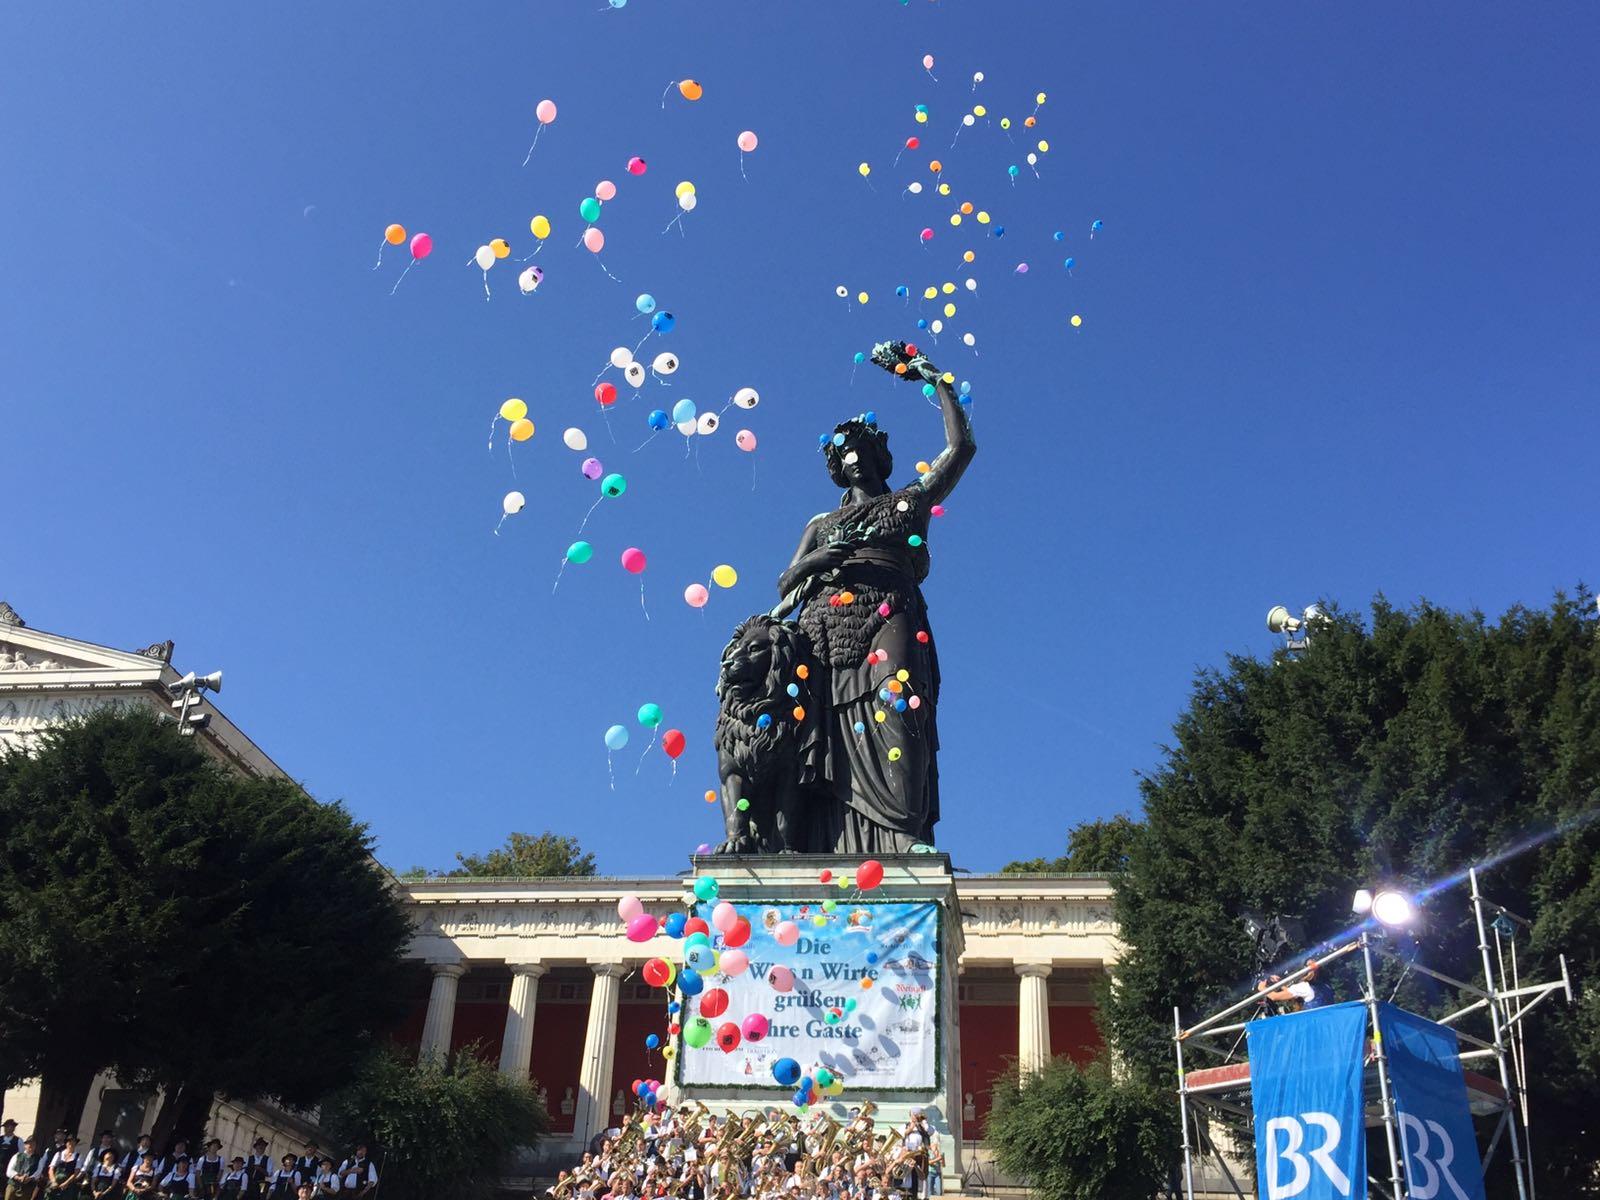 romantisches Luftballon aufsteigen an der Bavaria zum Abschluss eines zünftigen Standkonzertes